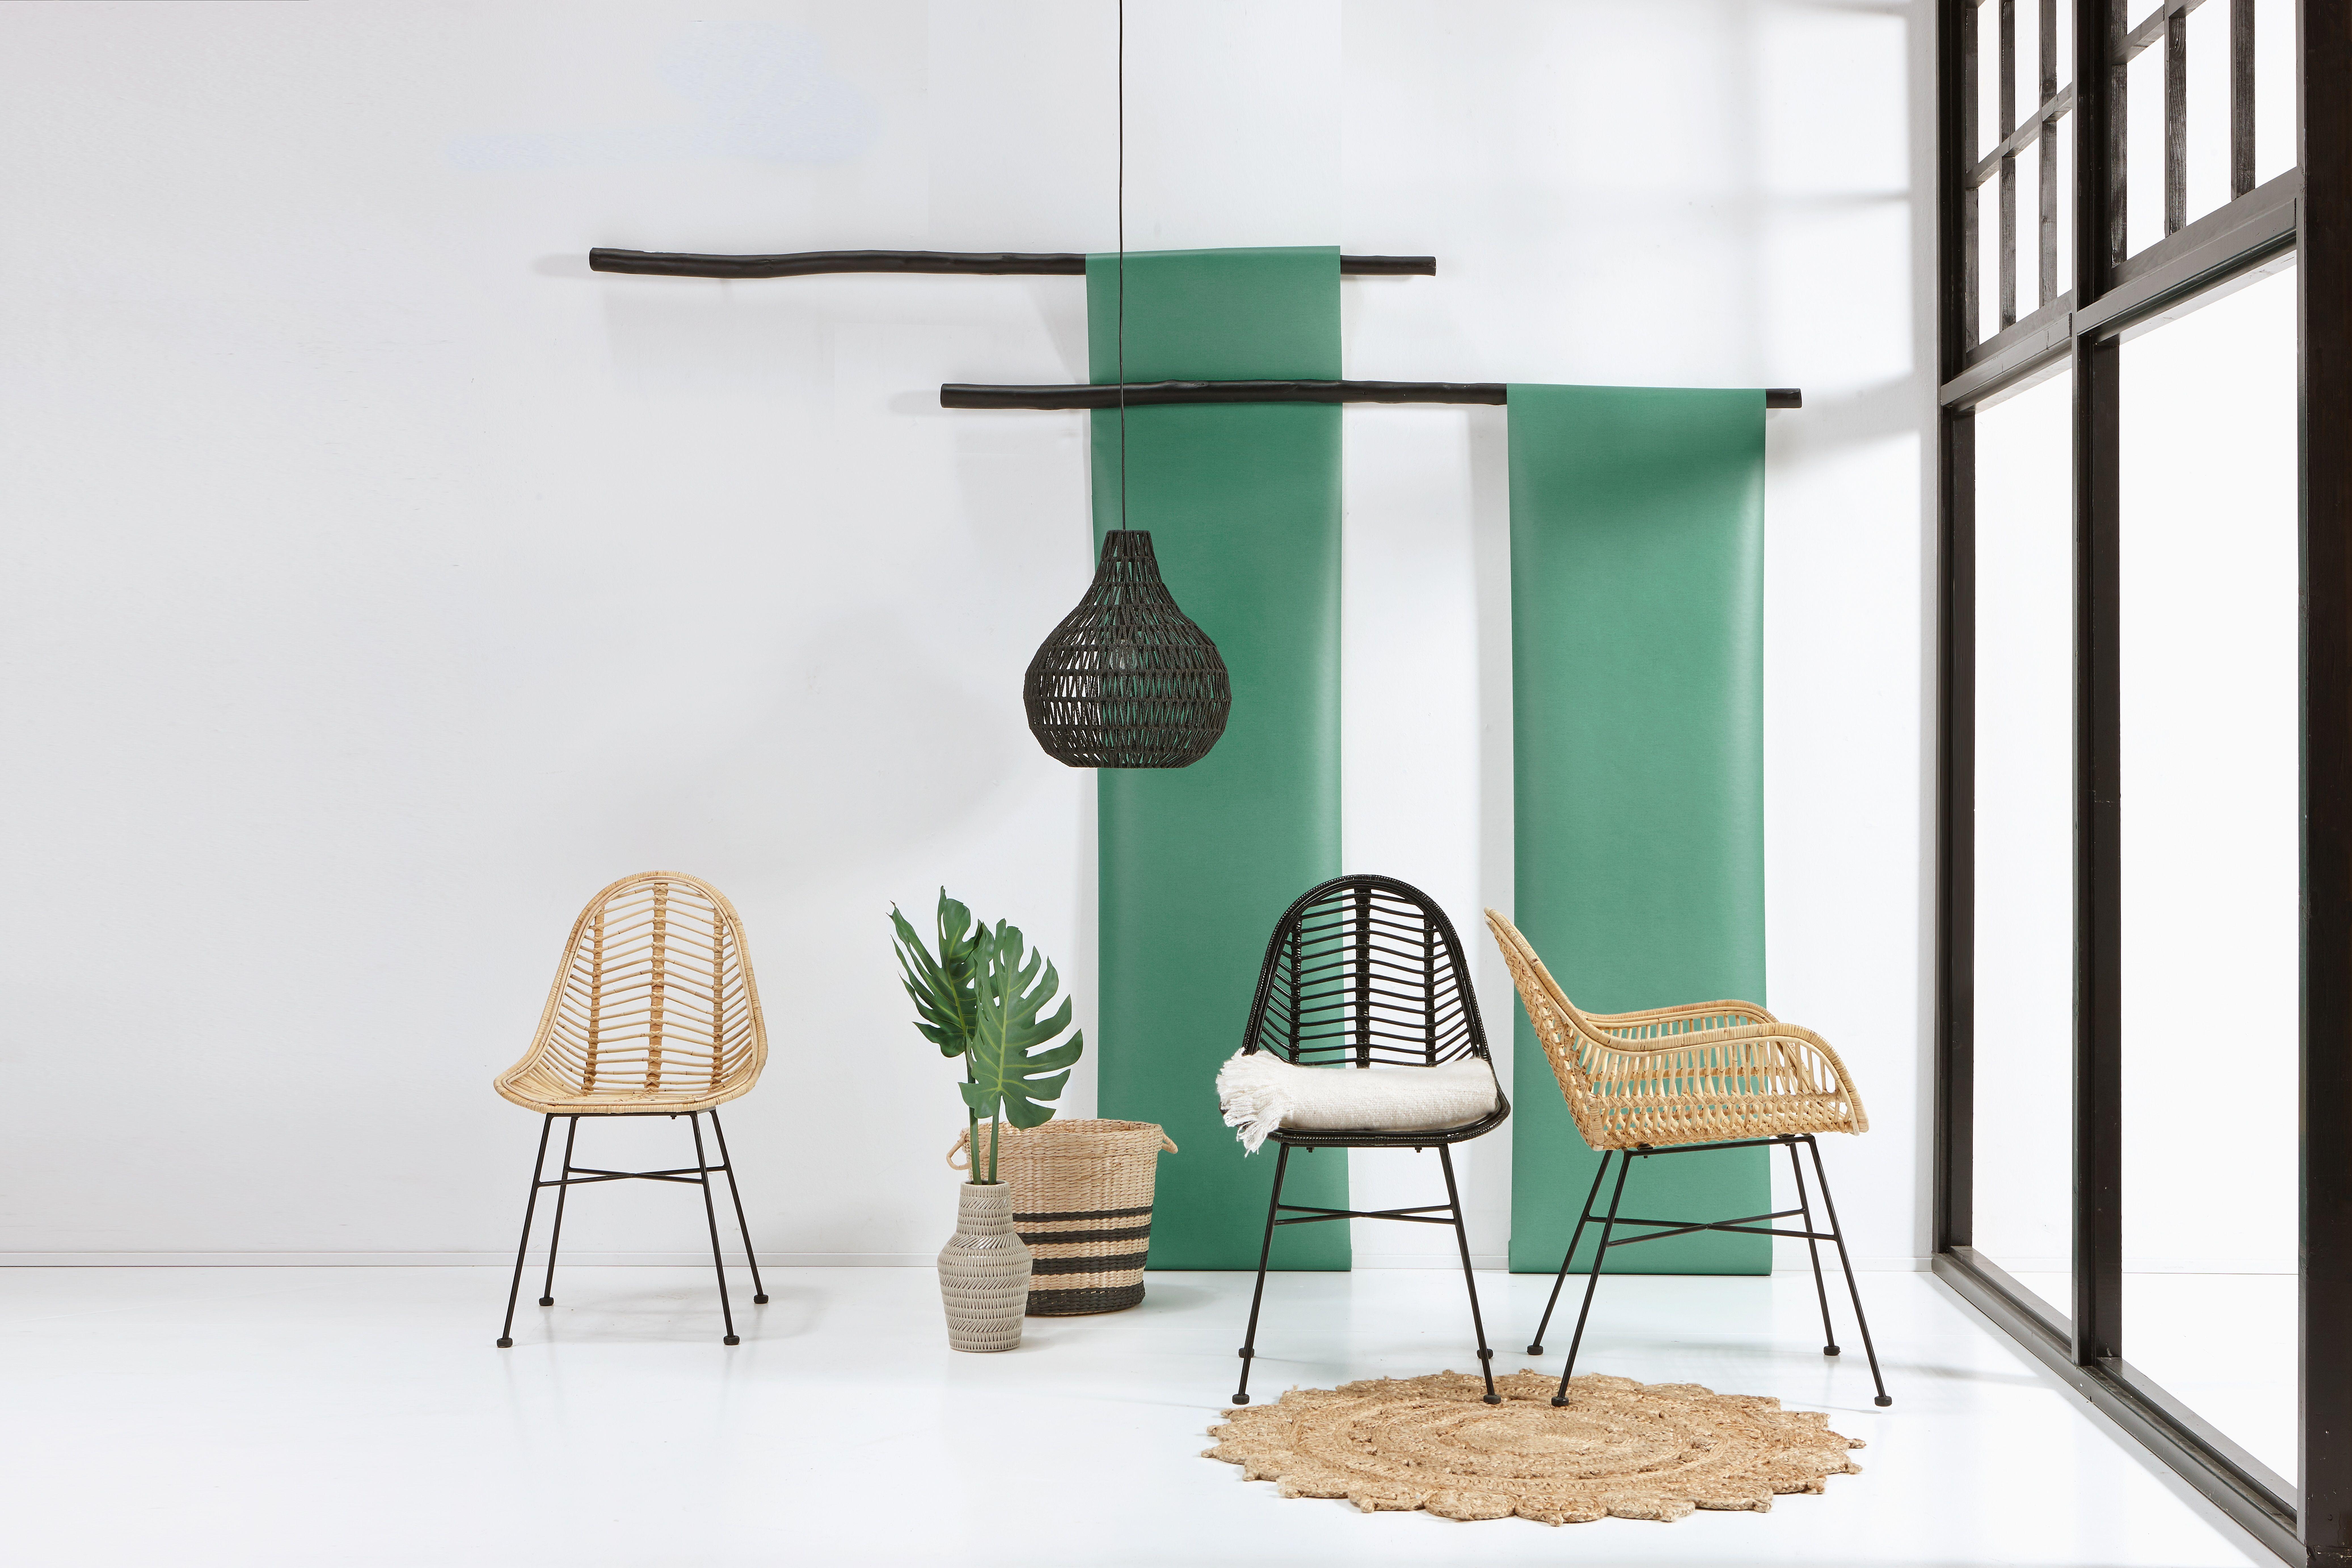 Rotan Stoel Goedkoop : Dé trend van dit voorjaar: rotan meubelen! rotan stoel trevi is